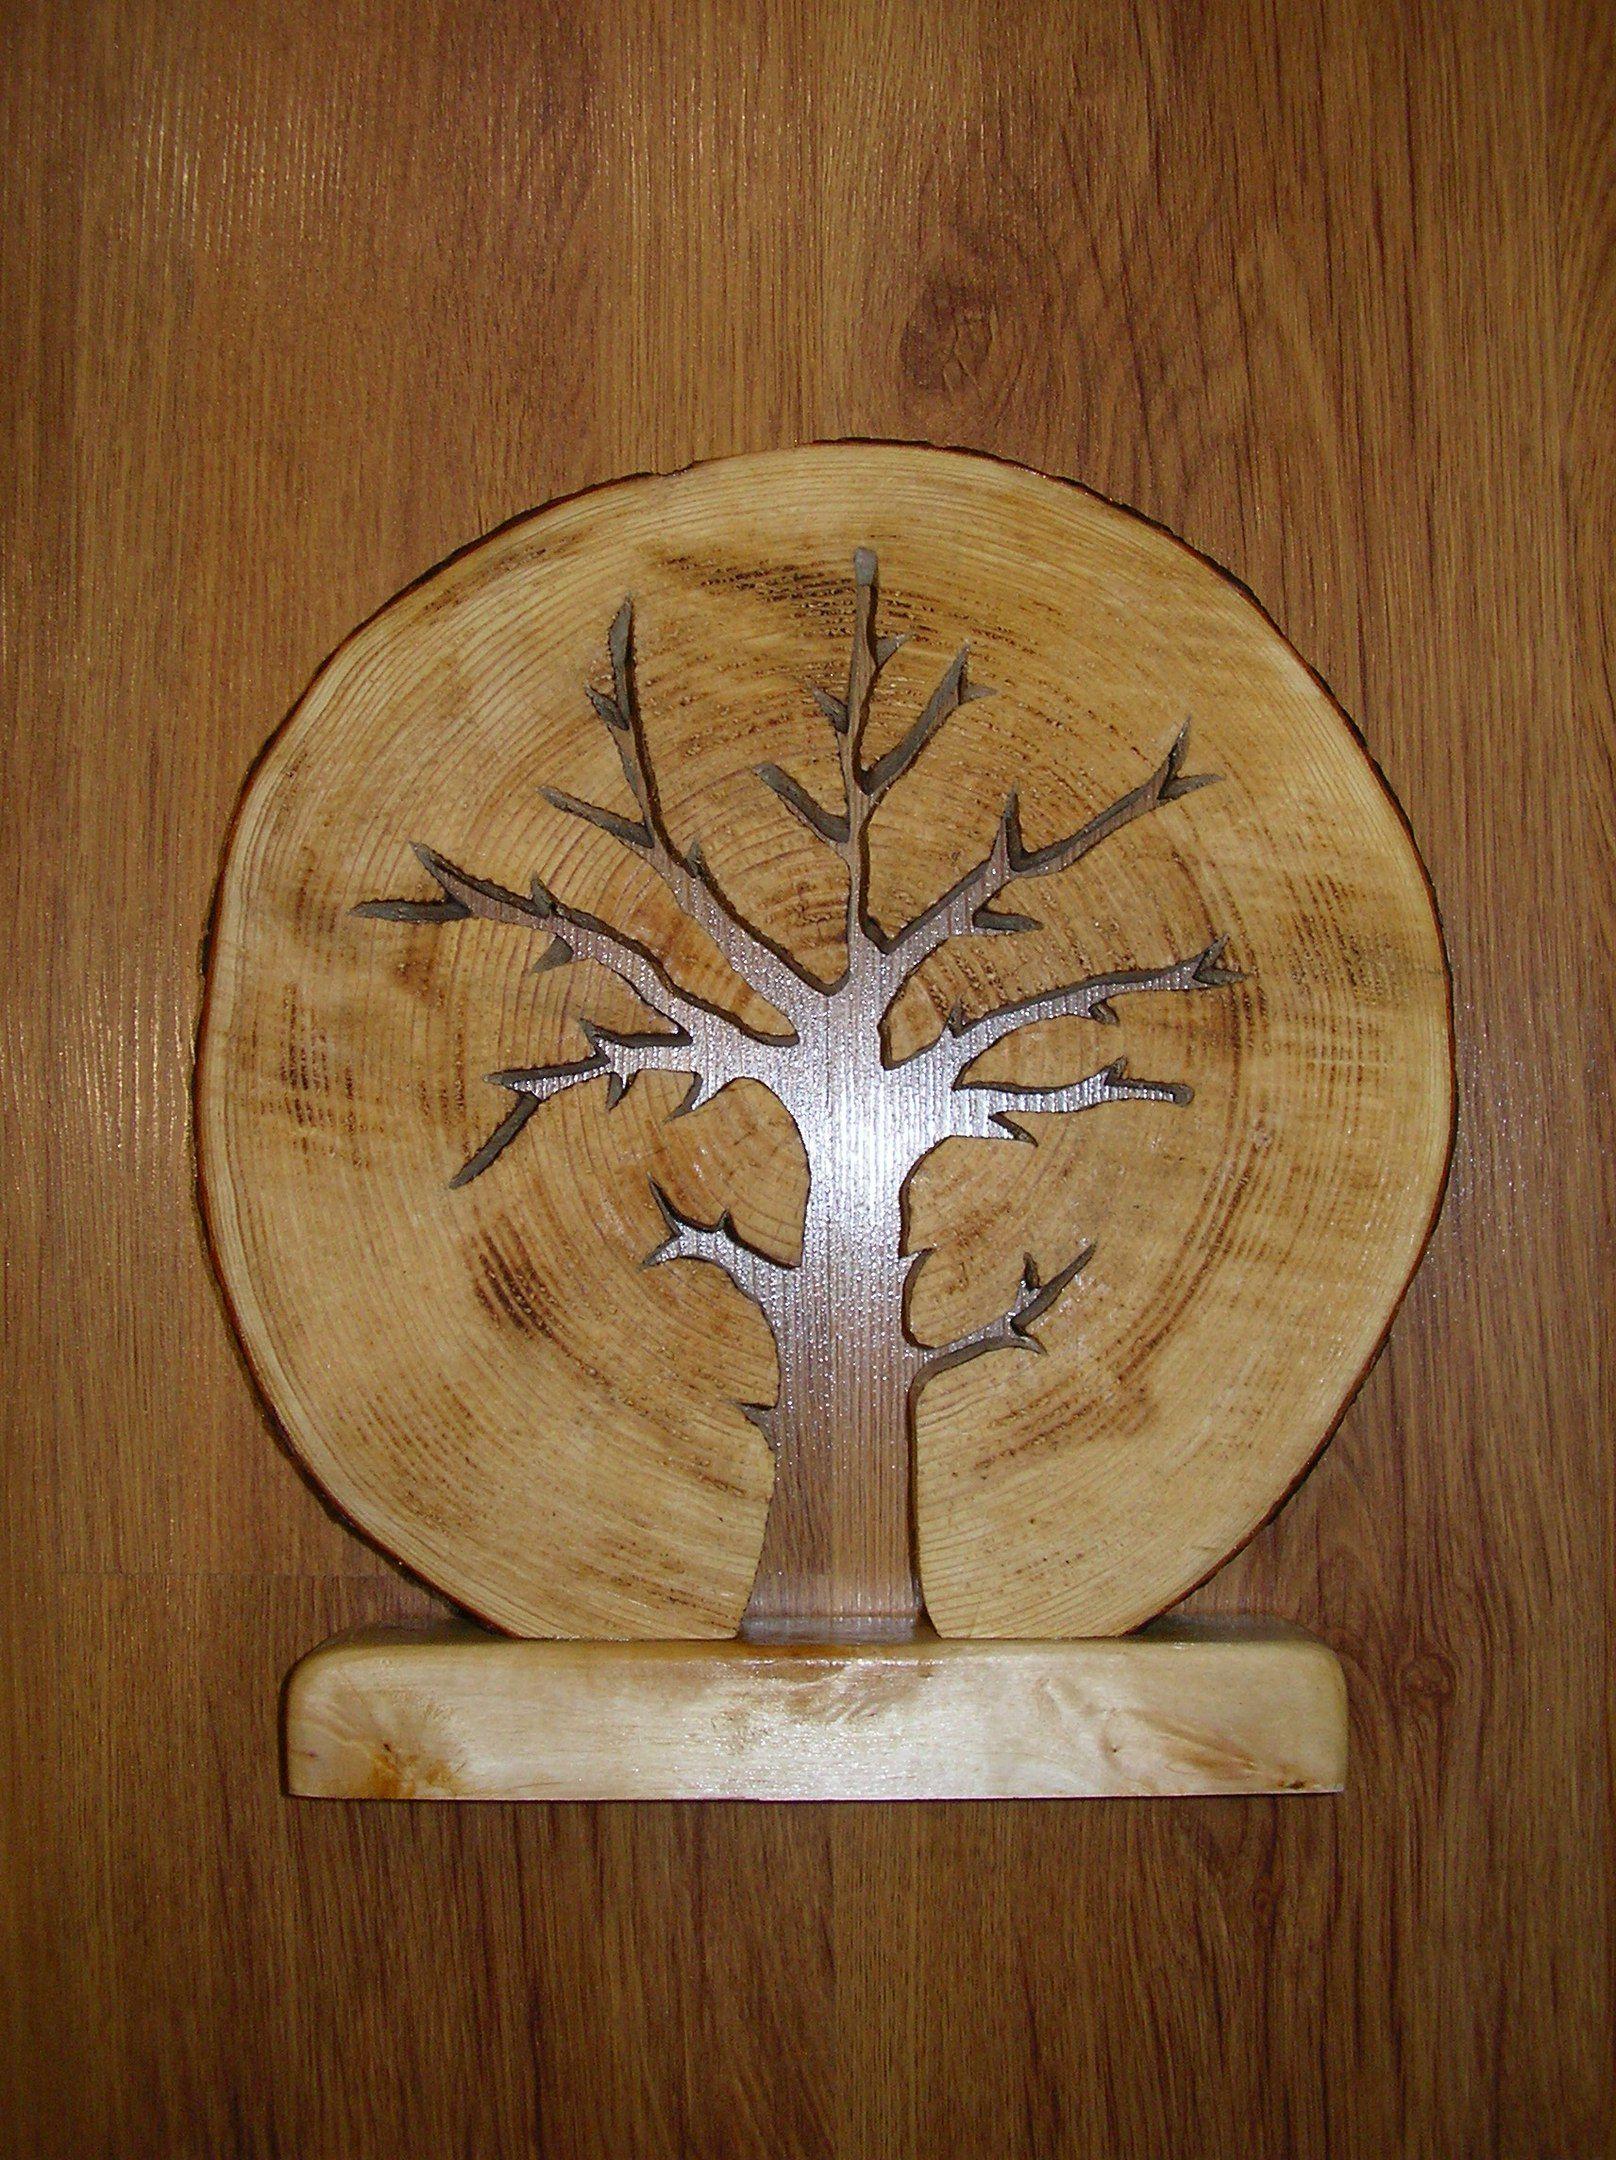 Новости scroll saw pinterest woods woodworking and wood art